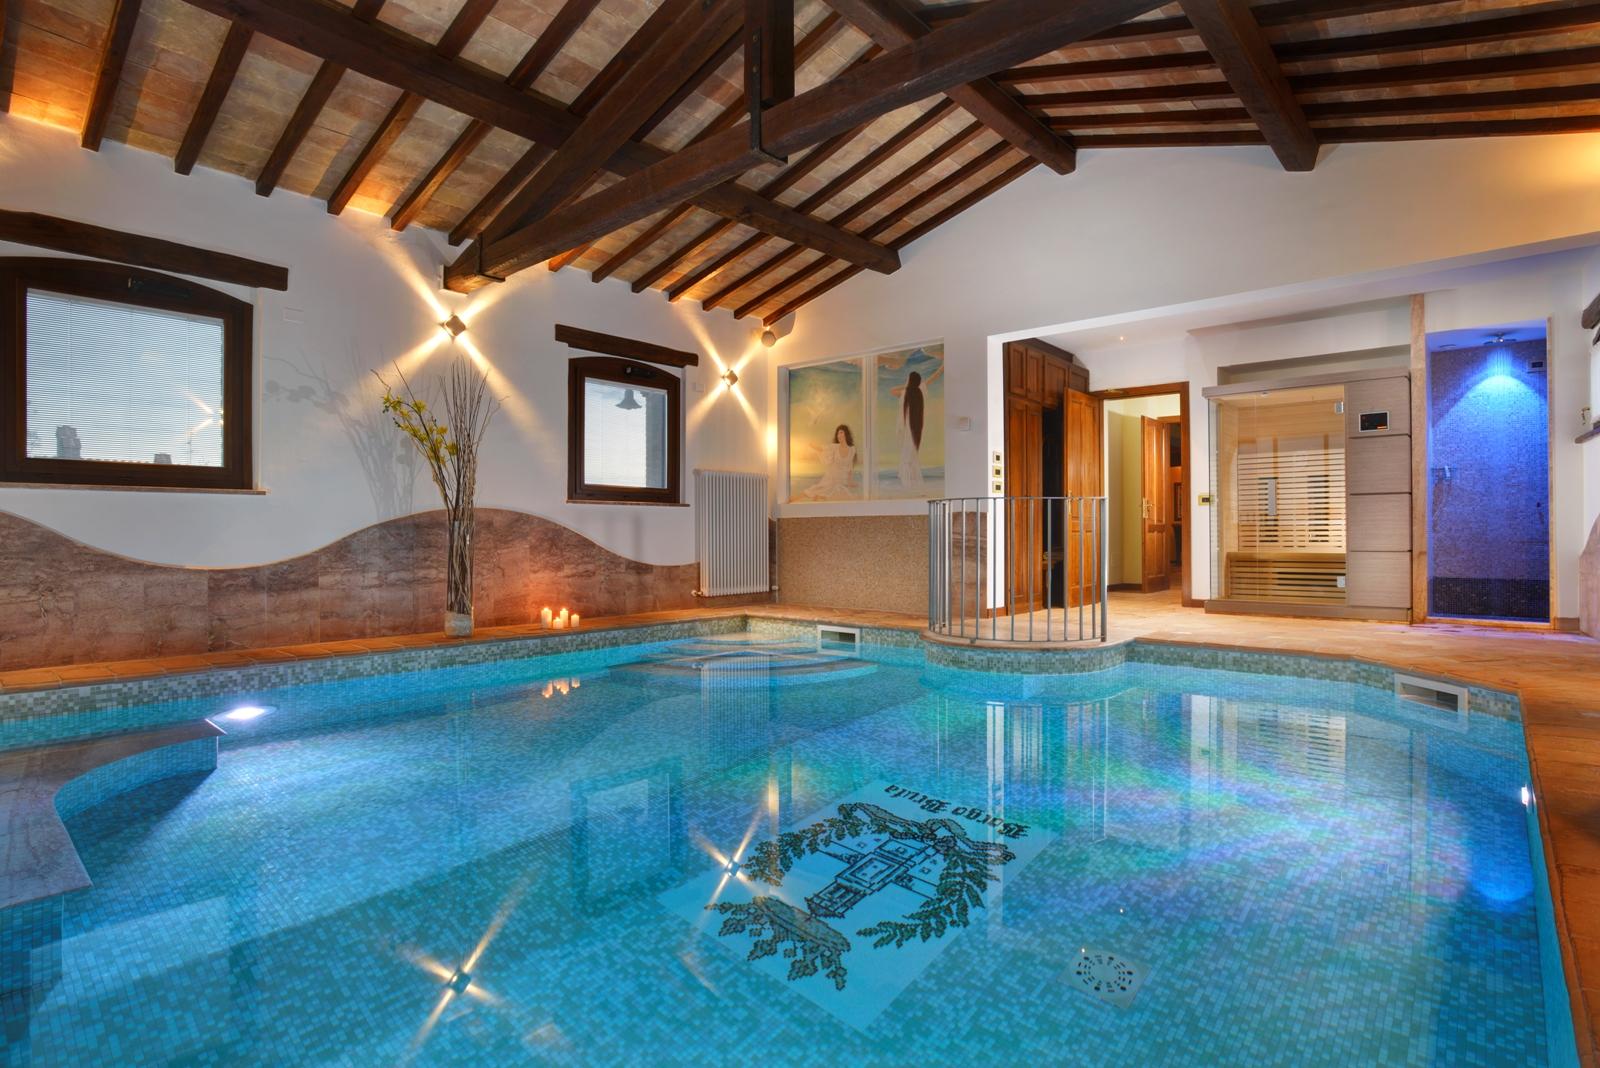 Hotel con piscina a abruzzo centri benessere beauty farm - Hotel con piscina abruzzo ...